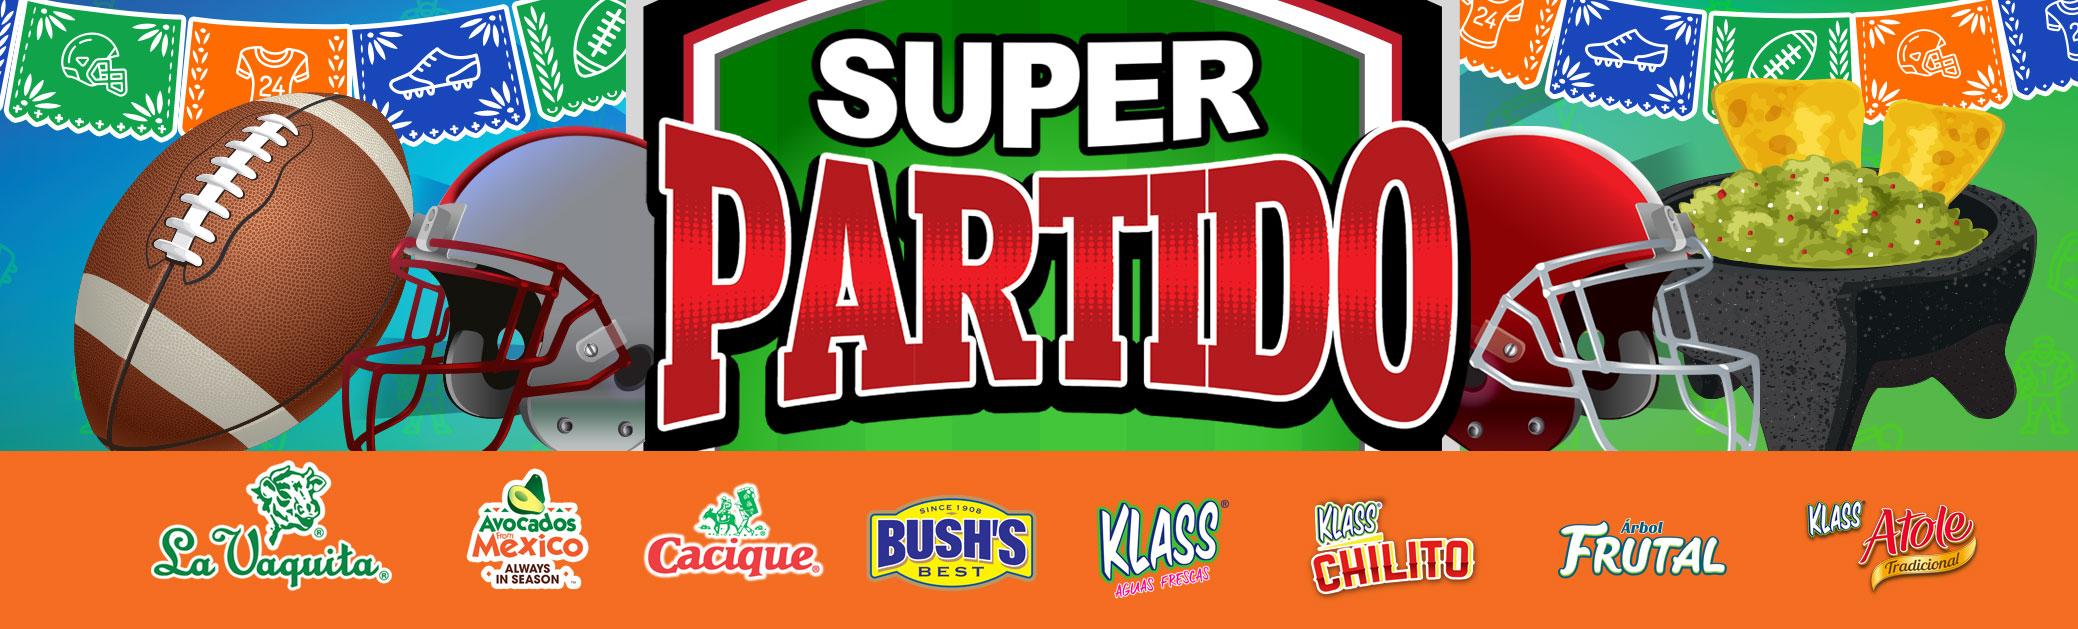 Super Partido